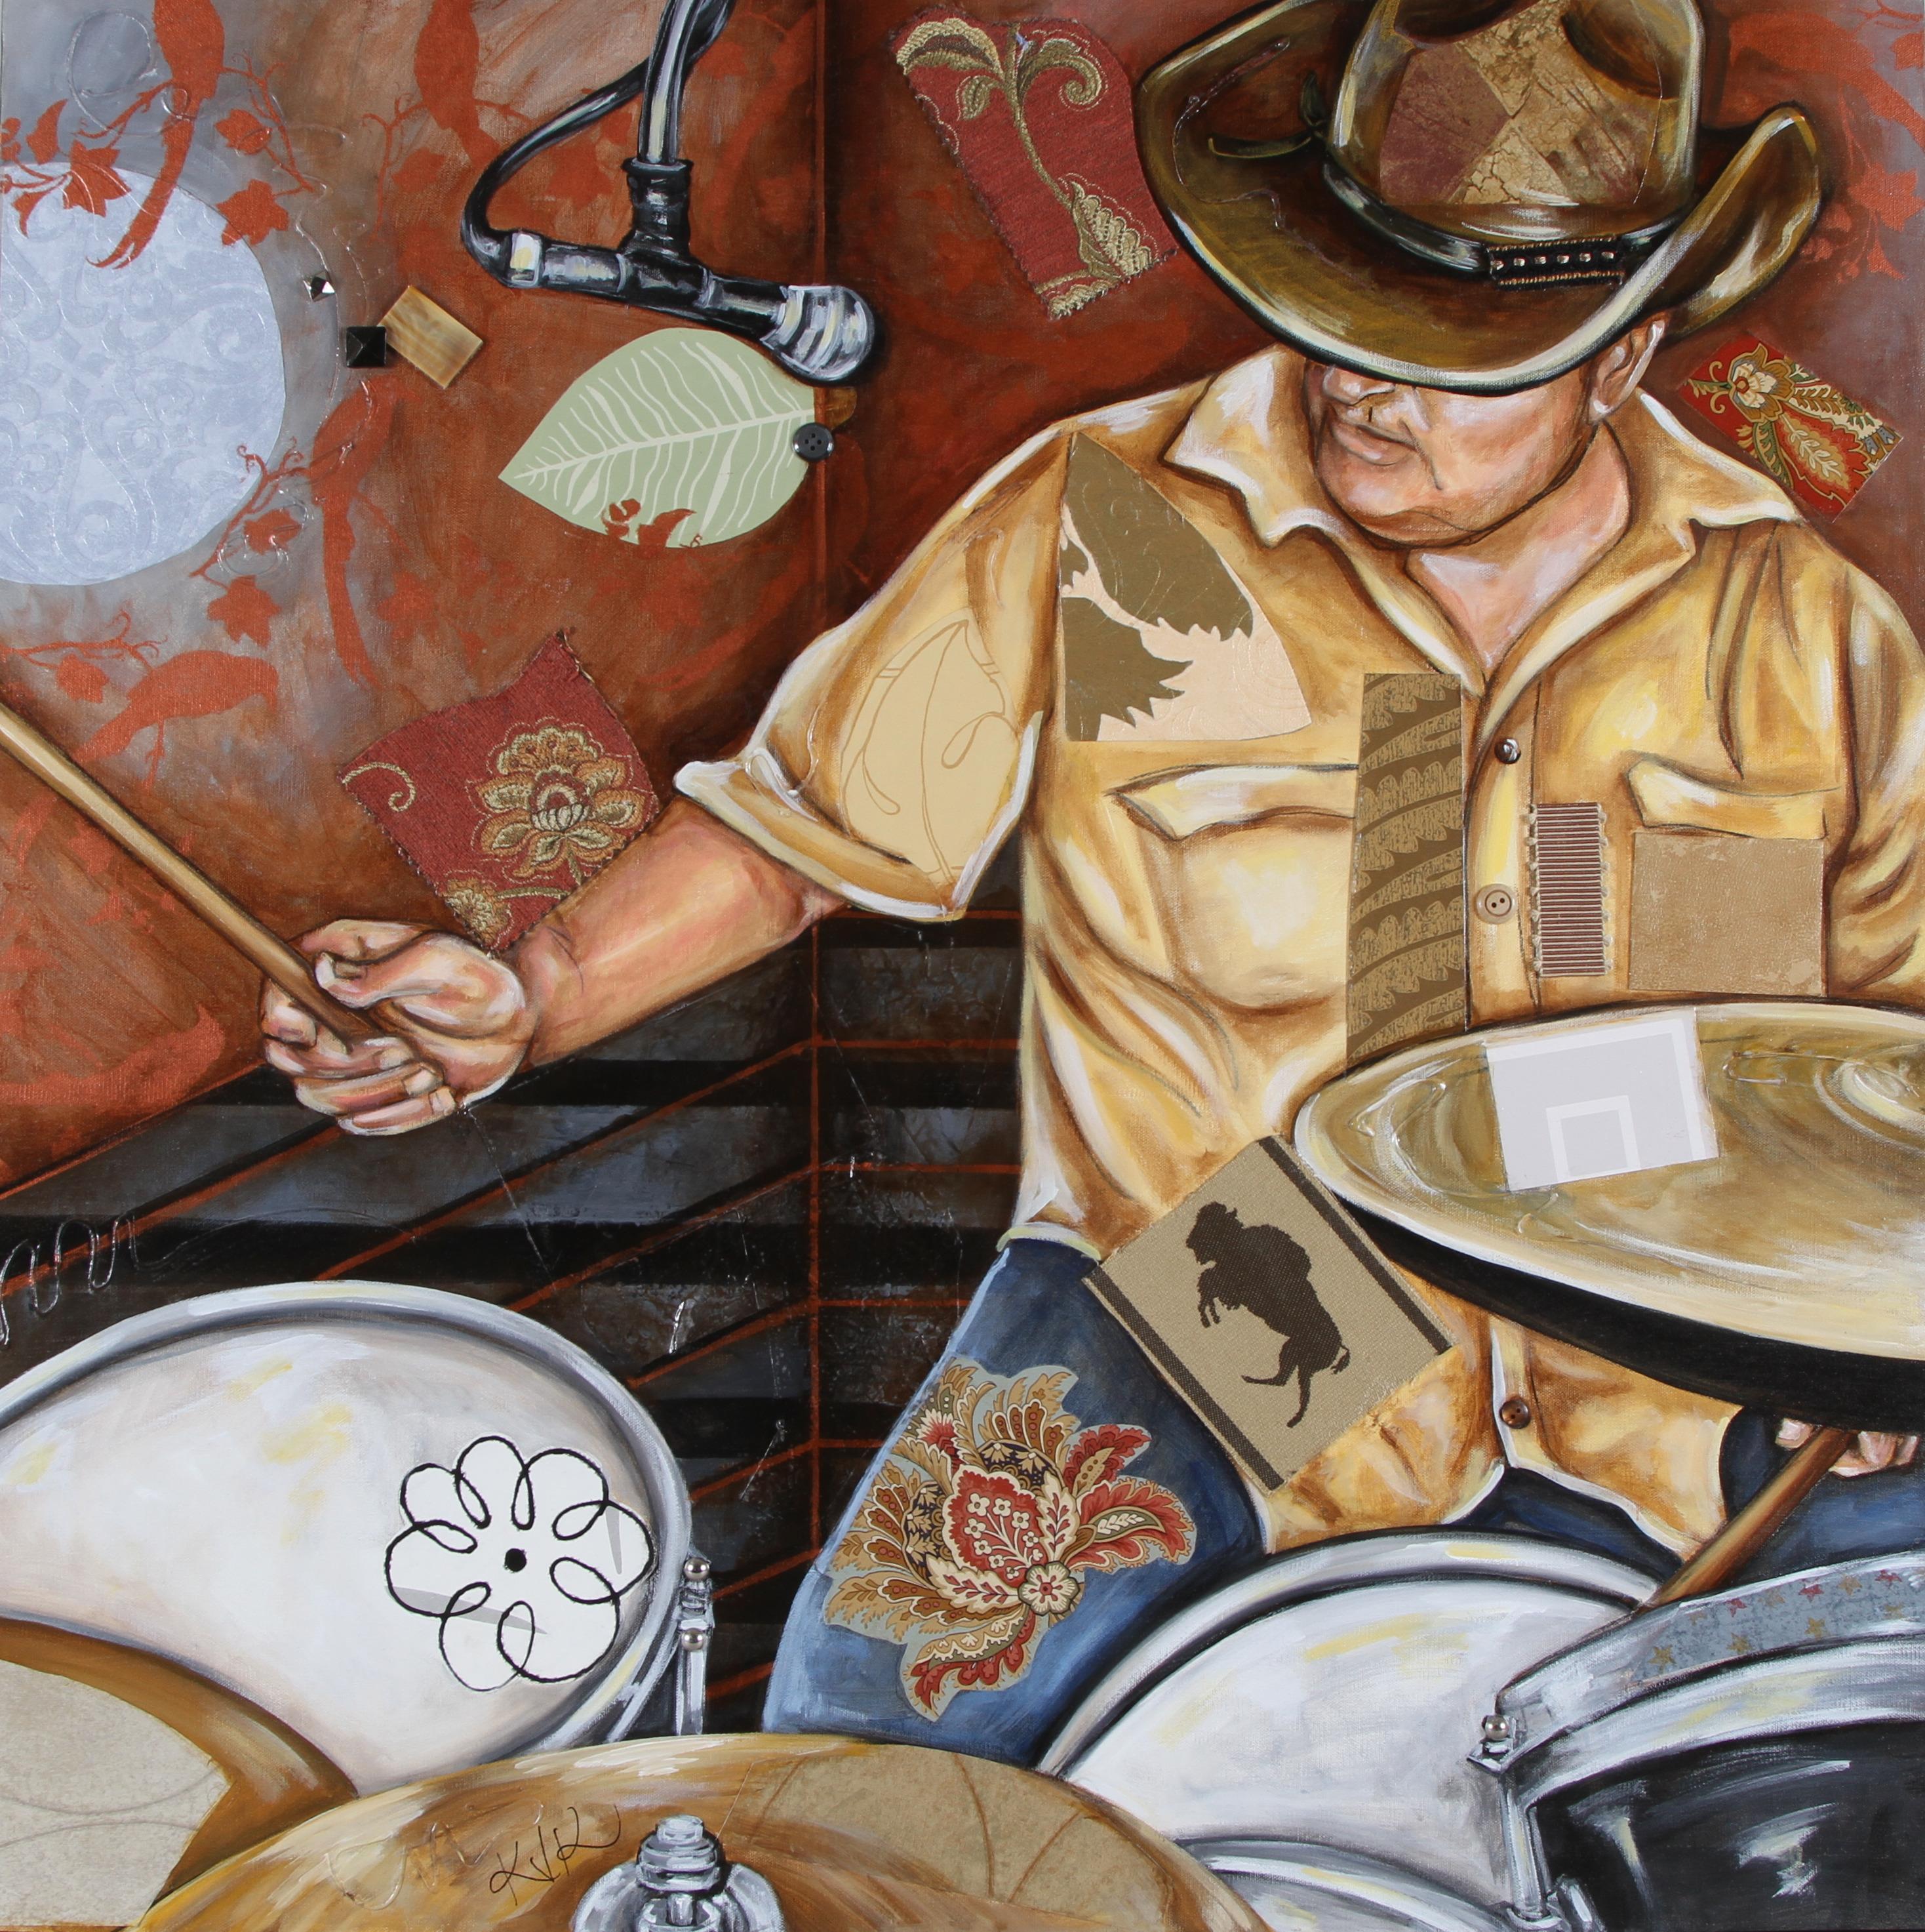 Vaquero de the drums ejrdbi